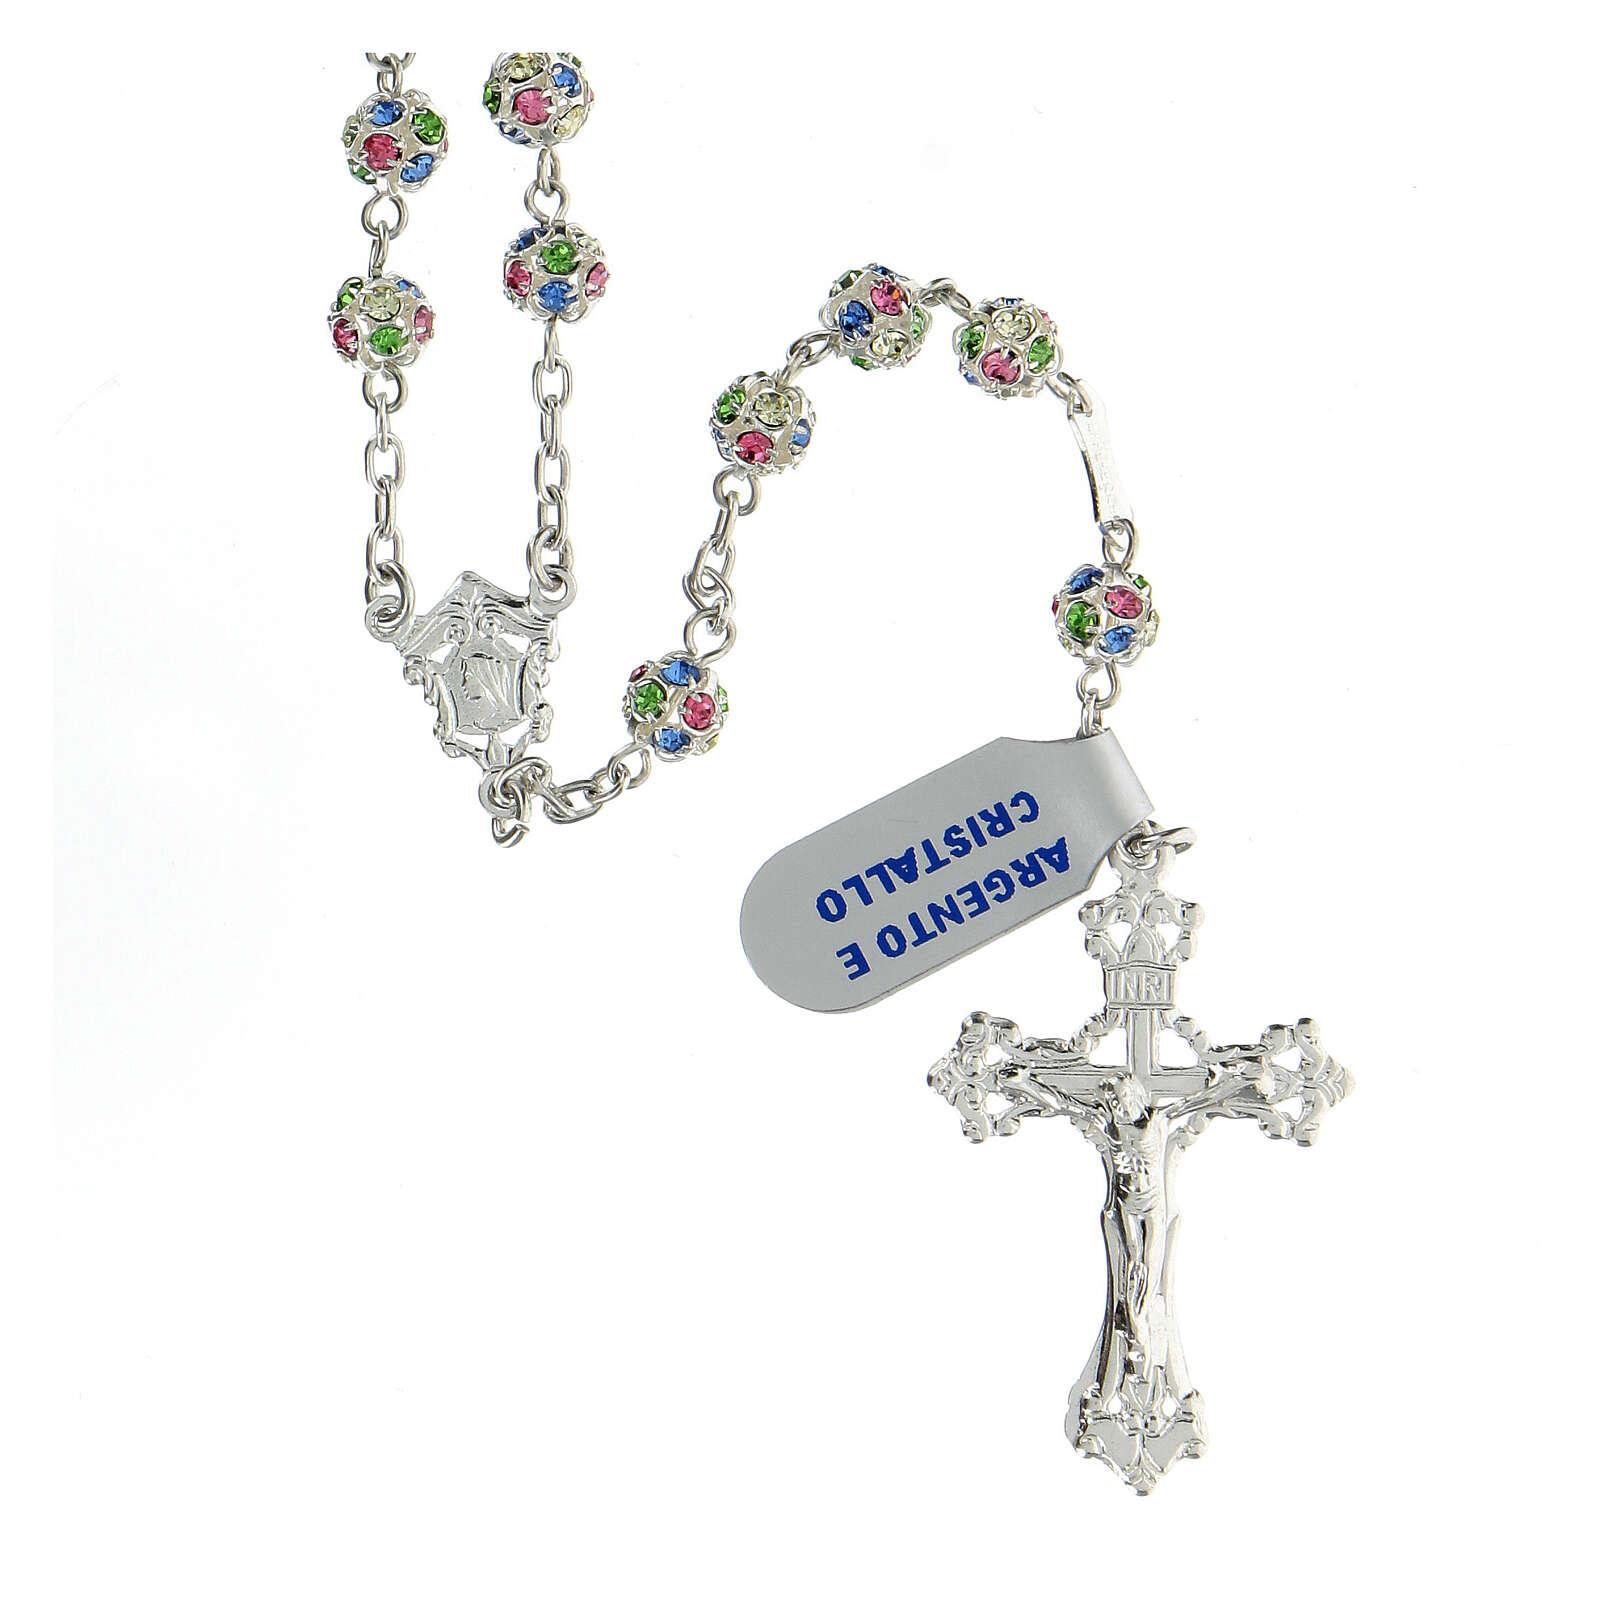 Chapelet argent 925 grains cristaux multicolores 6 mm croix décorée 4